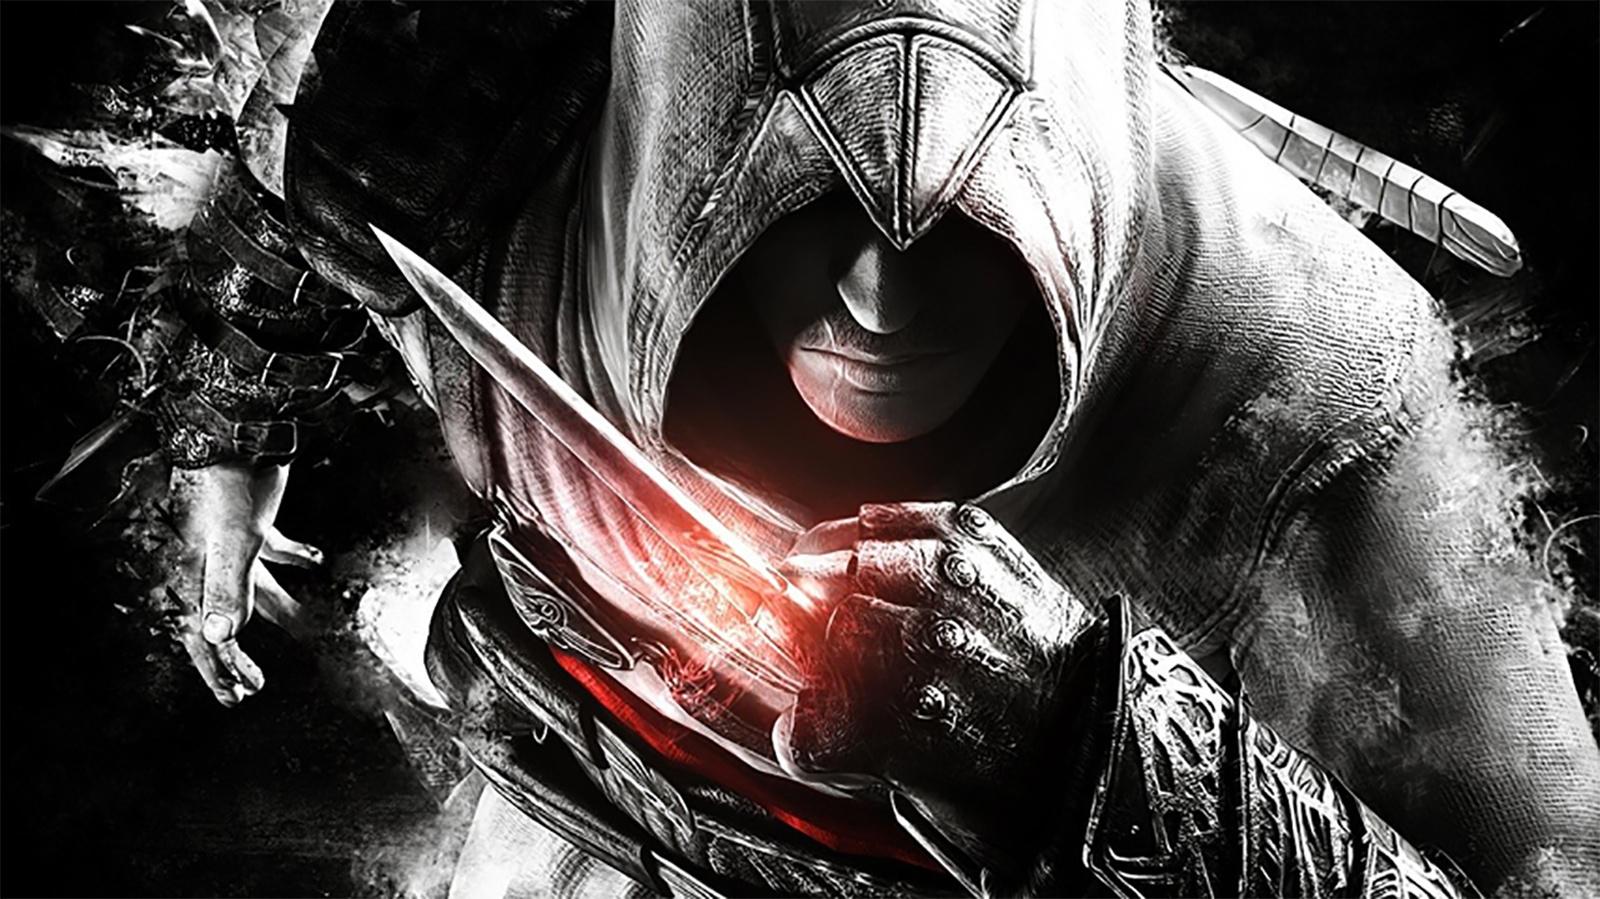 邁克·肯尼斯·威廉姆斯將參演《刺客信條》電影